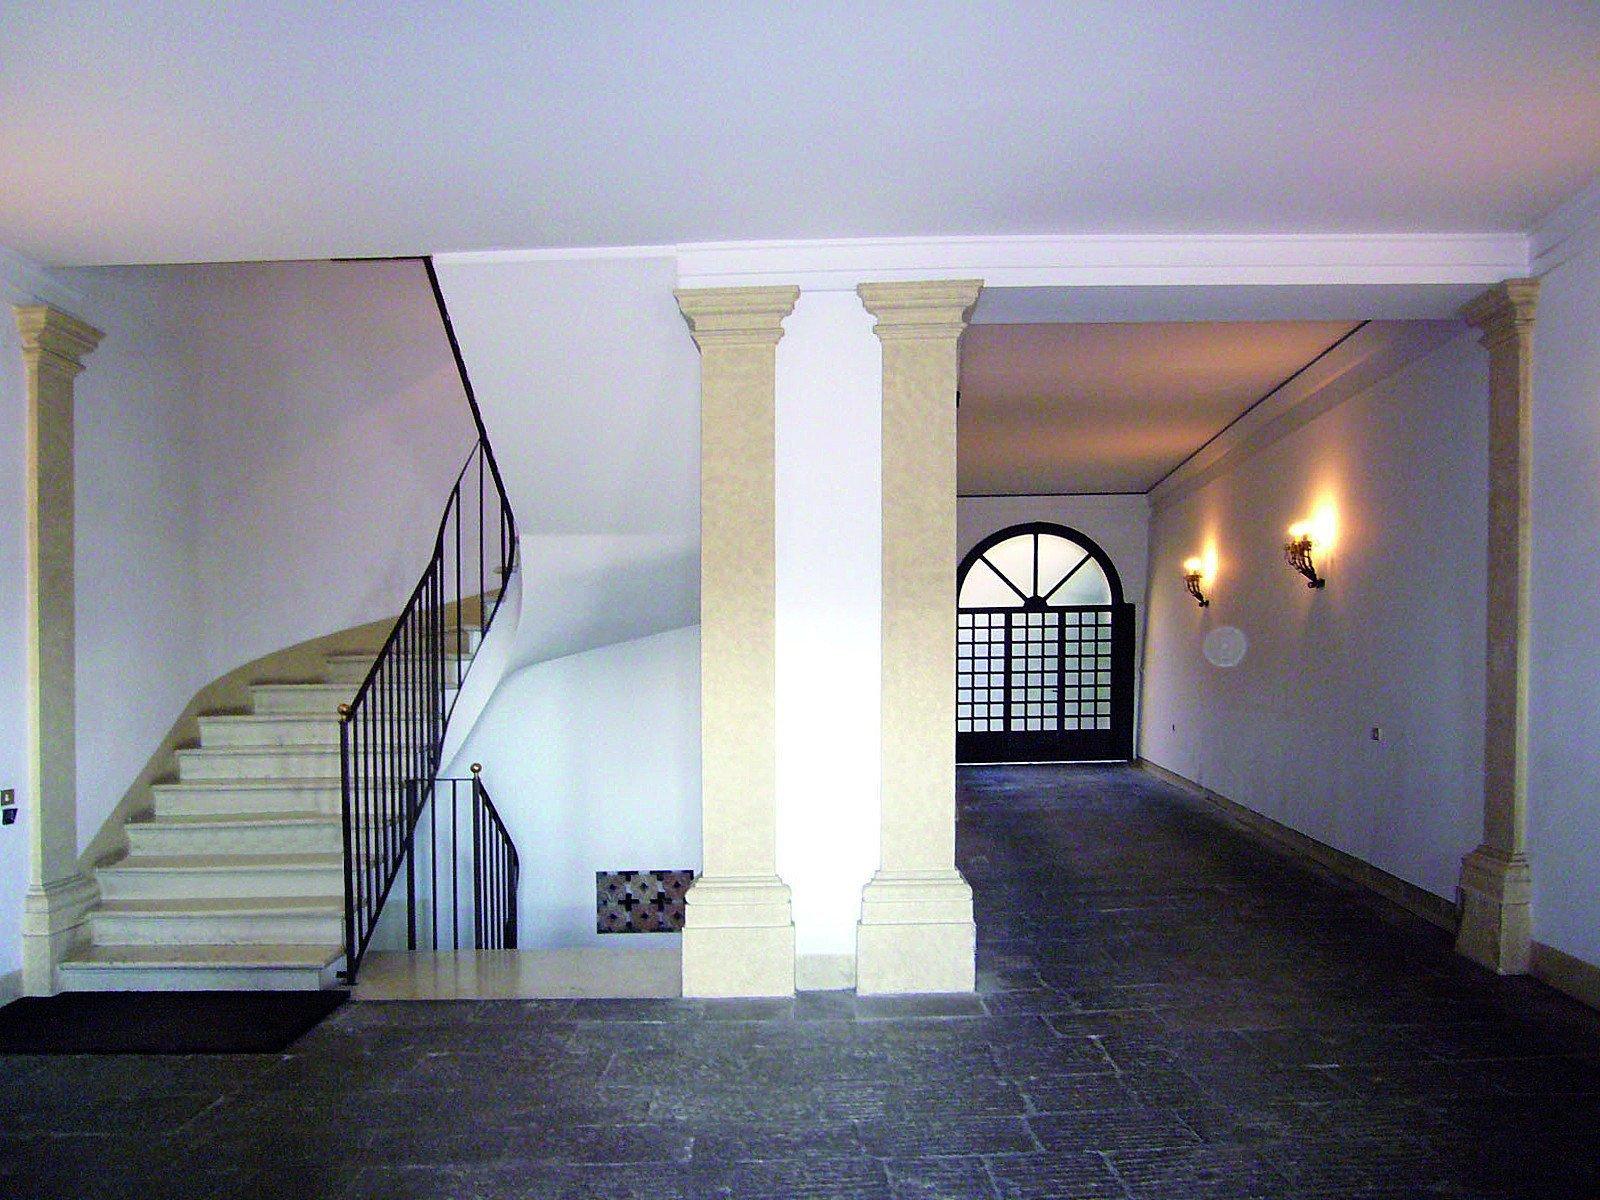 interno di un edificio